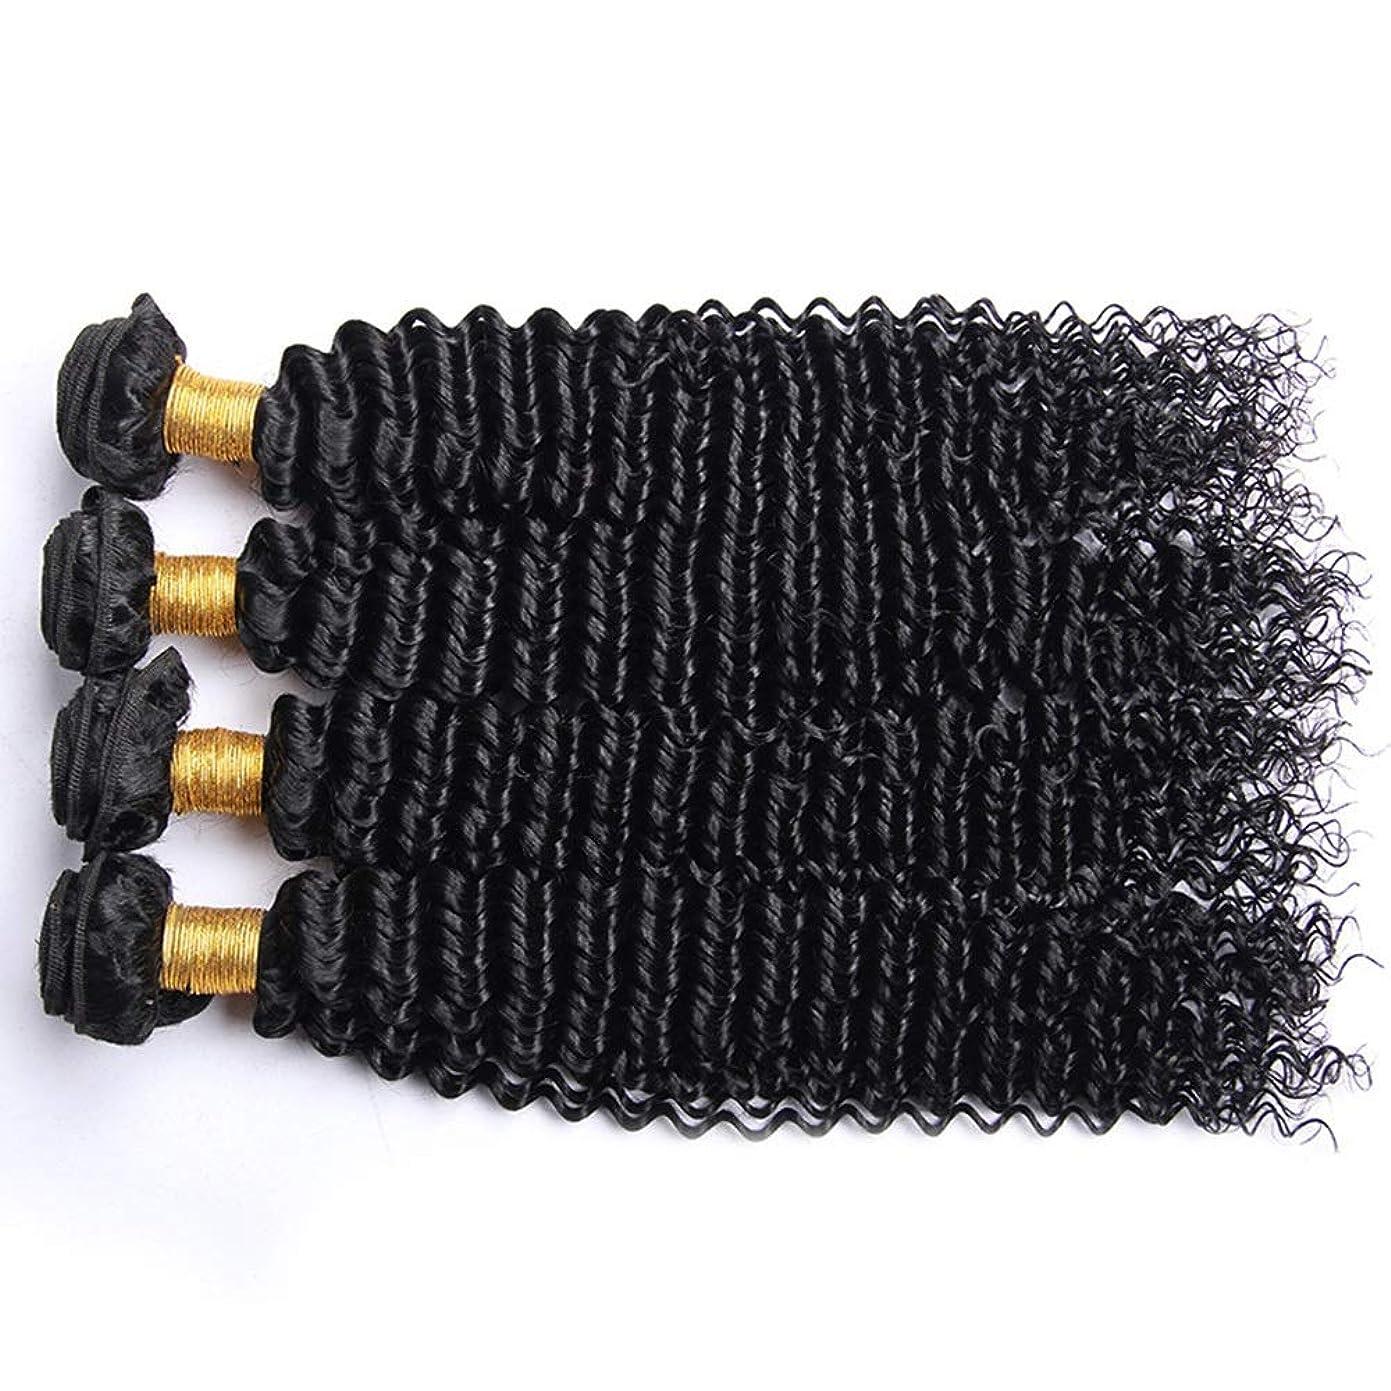 区別する可動式遠近法YESONEEP アフロ変態カーリー人間の髪1バンドルブラジル100%未処理の人間の髪織り横糸ナチュラルカラーロングカーリーウィッグ (色 : 黒, サイズ : 22 inch)